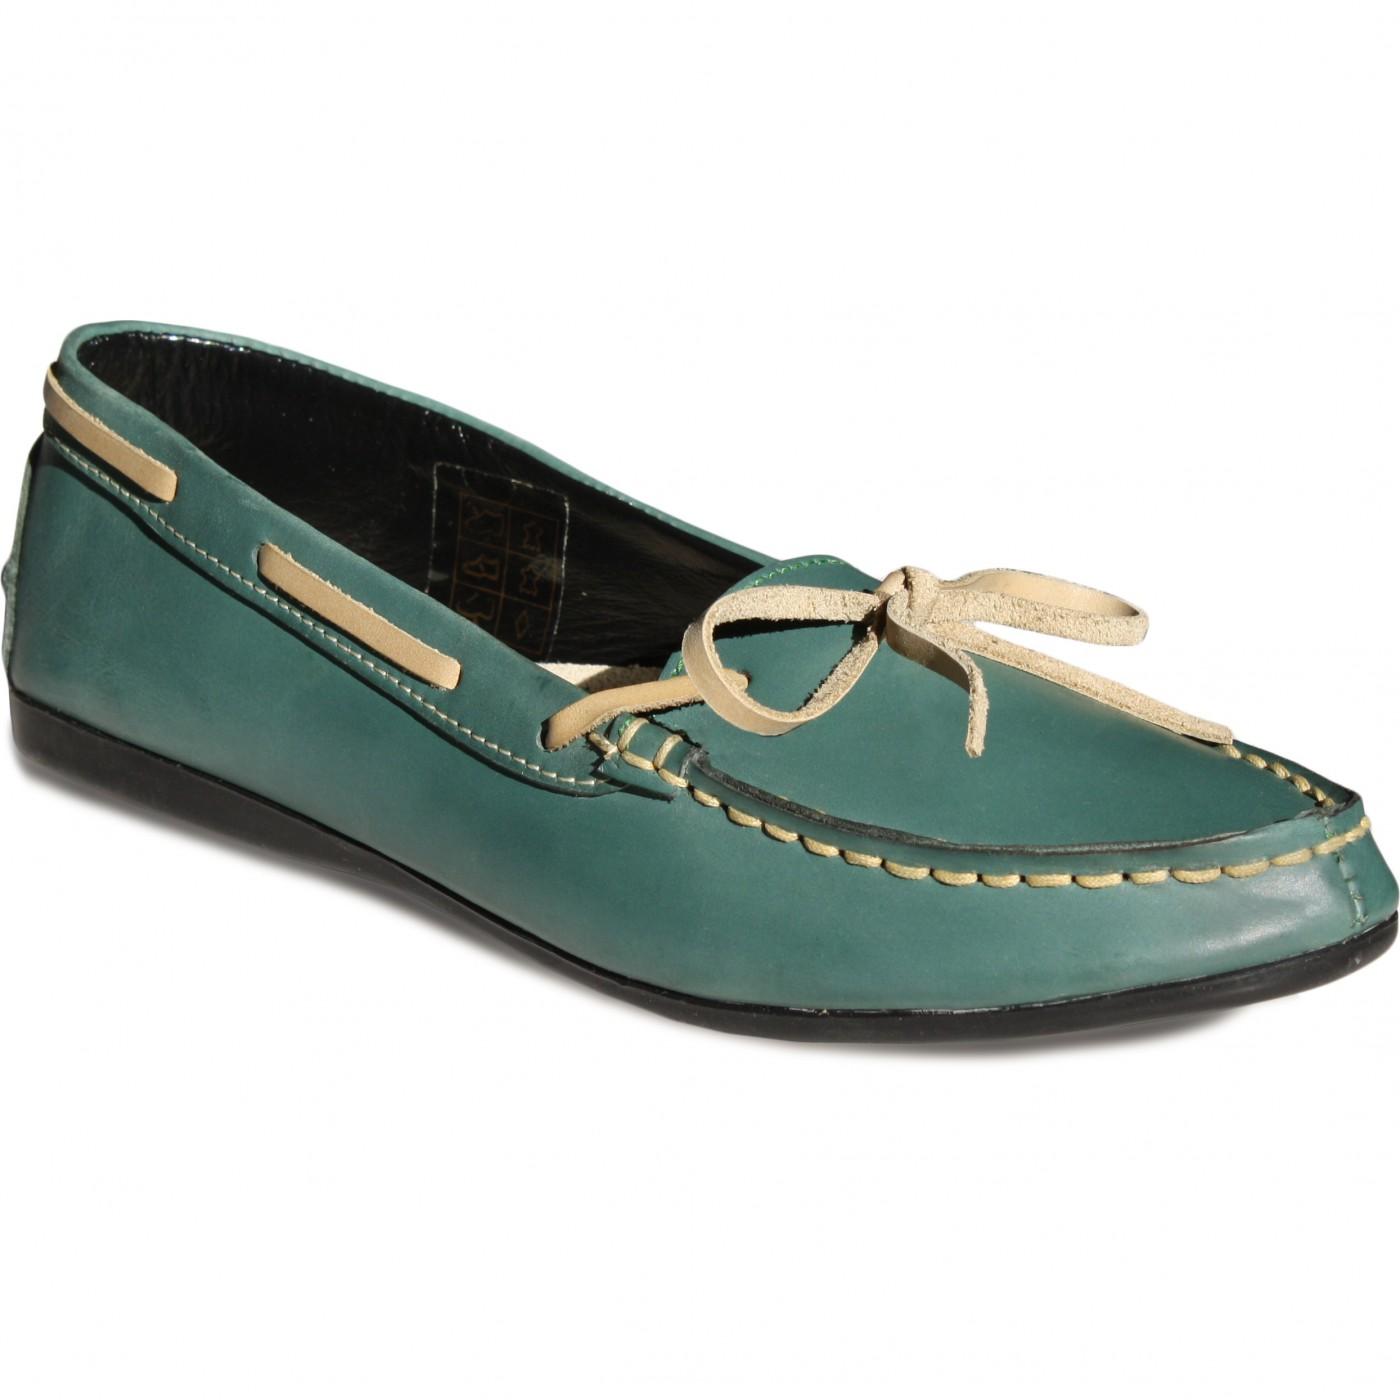 Stiefelschuhe Mokassins lederschuhe Segelschuhe Schuhe grün beige